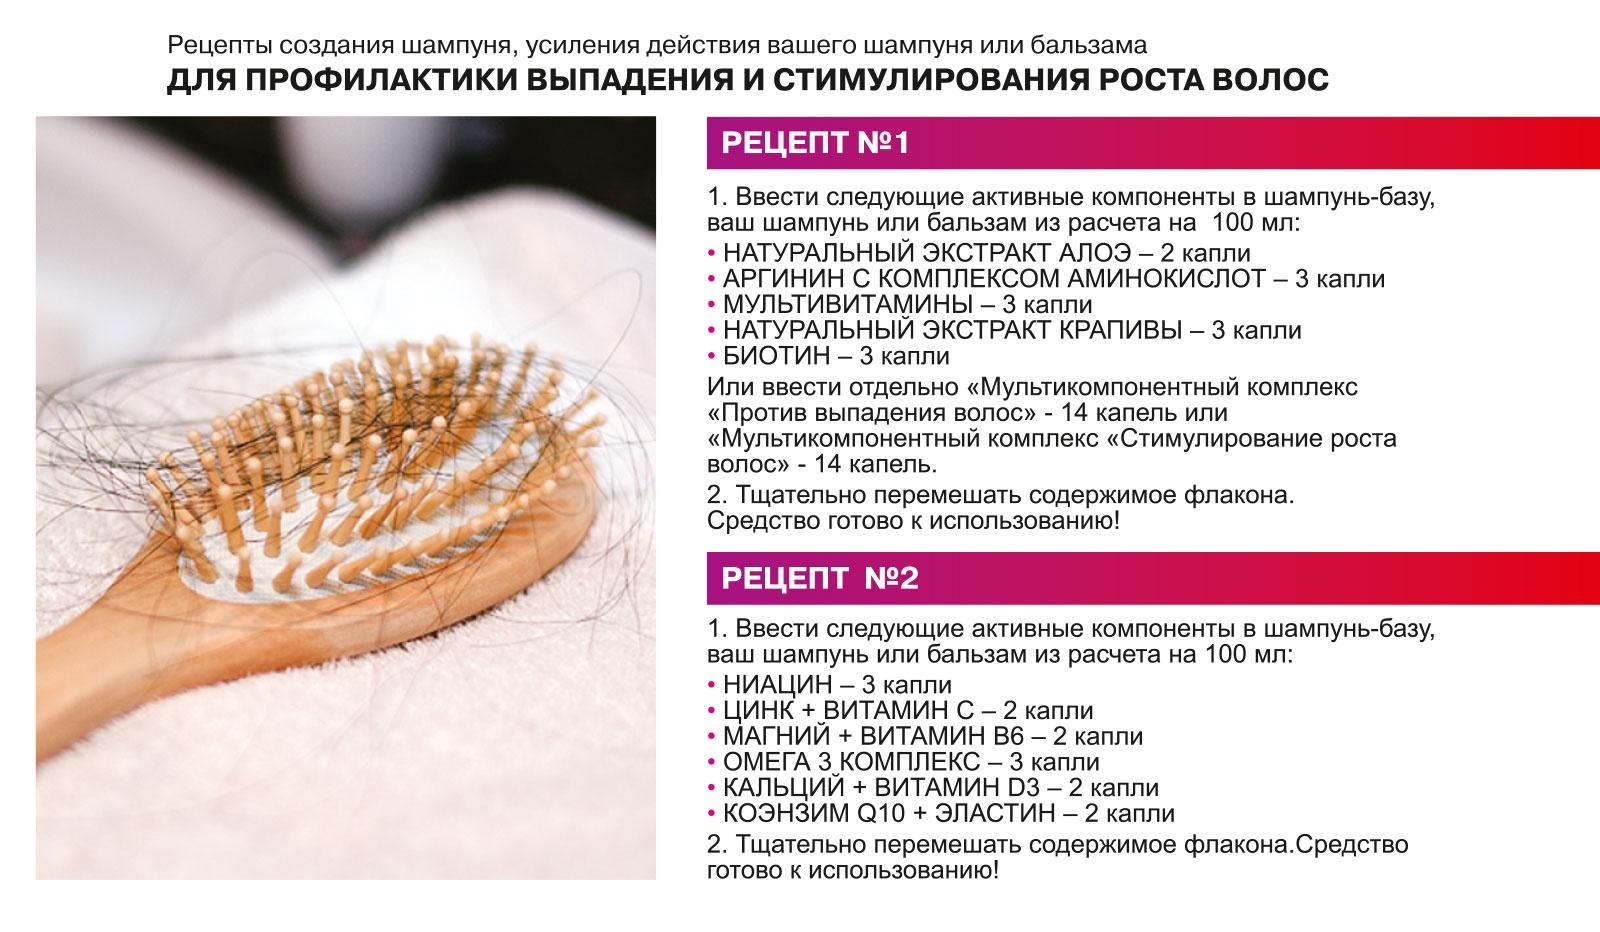 Мультикомпонентный комплекс Против выпадения волос, серии  Линия HandMade  5 ml ЛИНИЯ HANDMADE